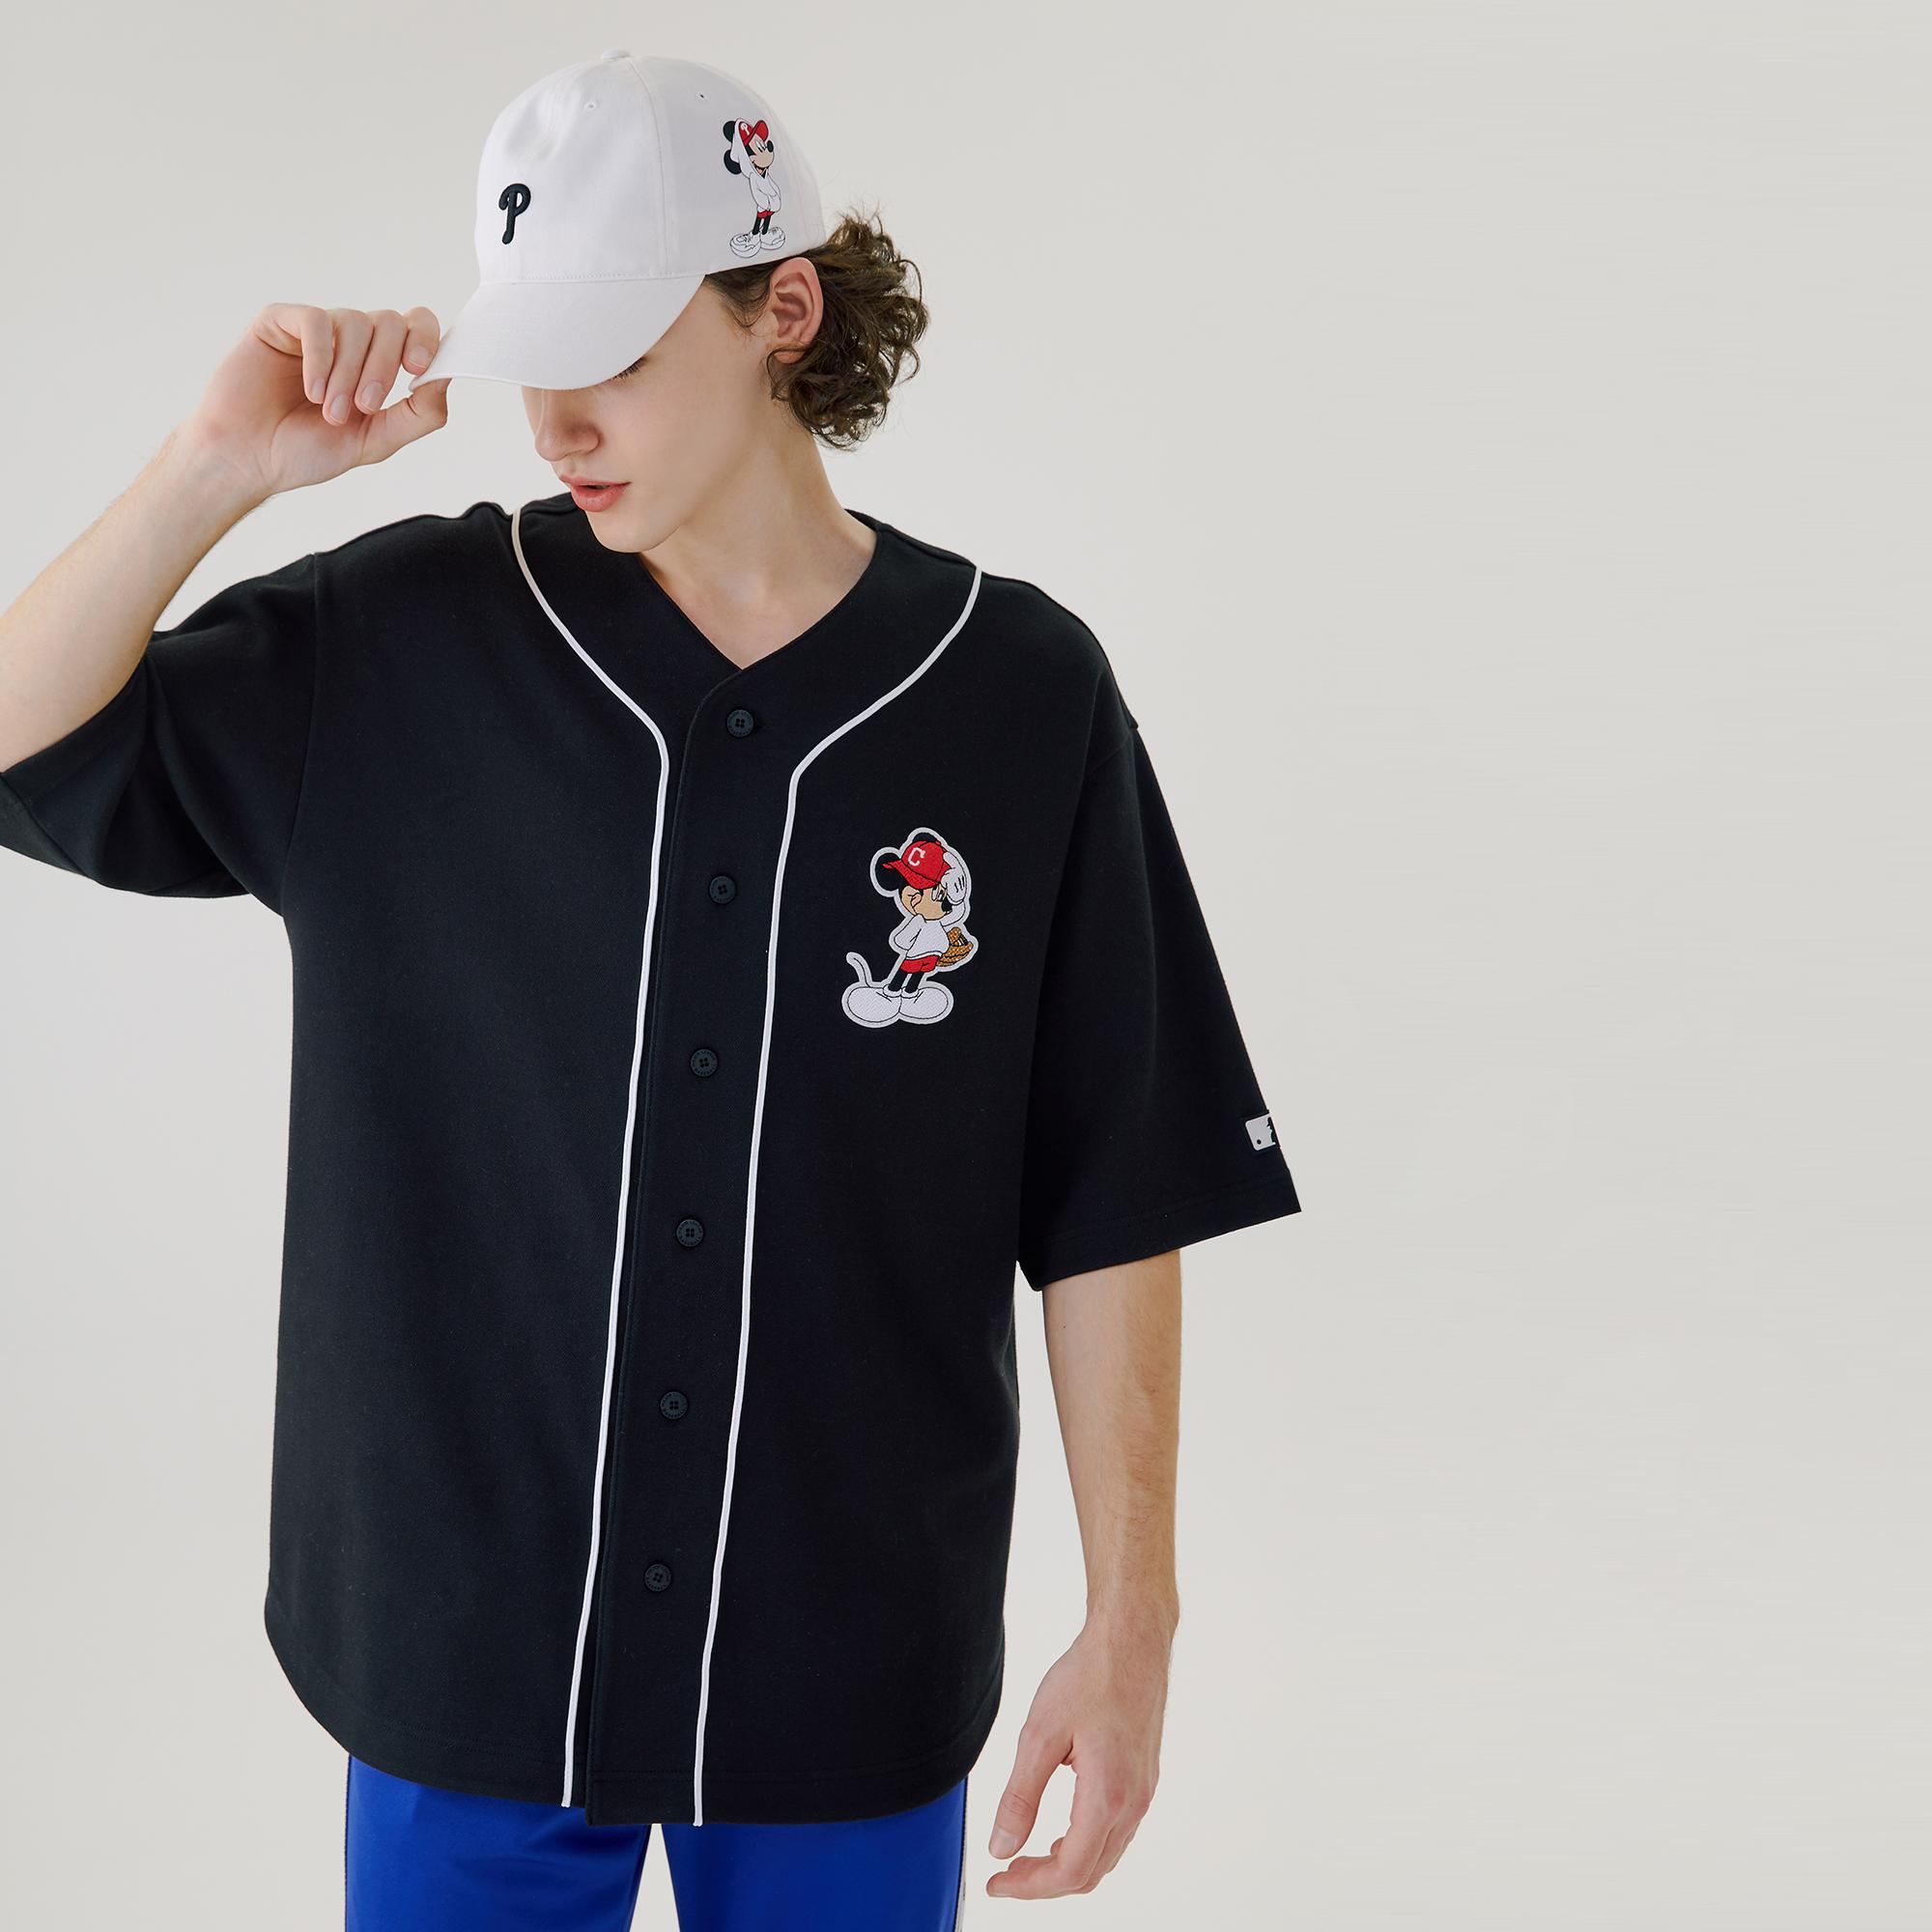 MLB X DISNEY 미키마우스 베이스볼 저지 클리블랜드 인디언스